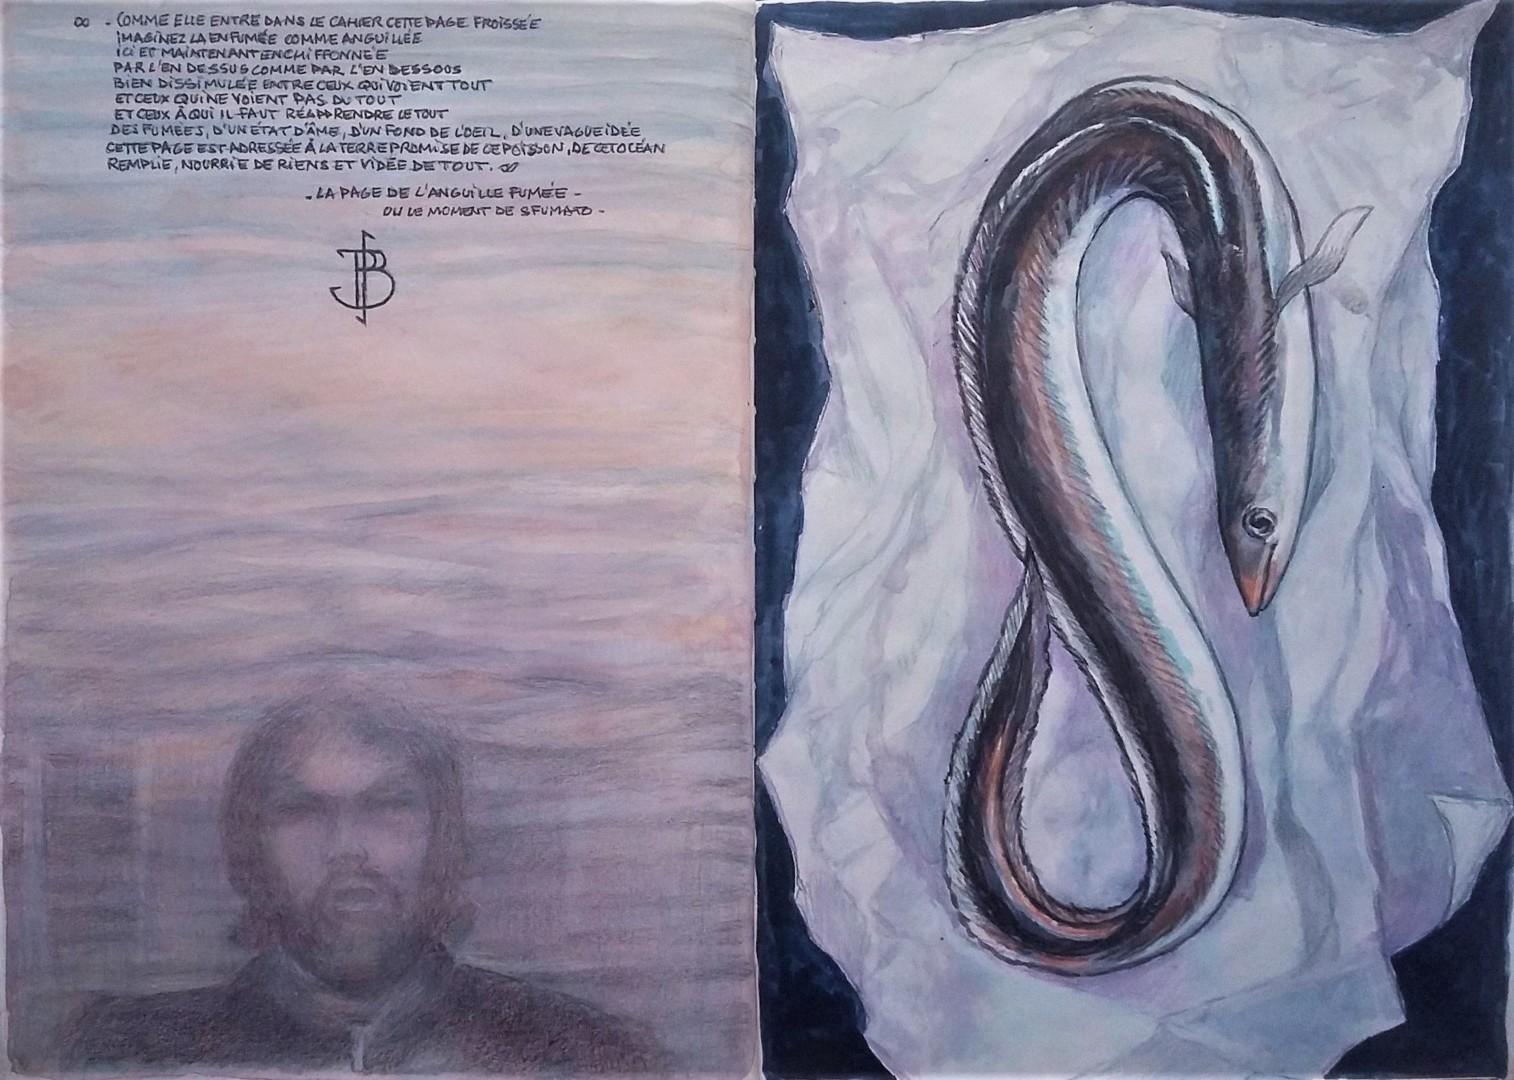 """Philippe Brobeck - """" La page de l'anguille fumée moment de sfumato"""""""